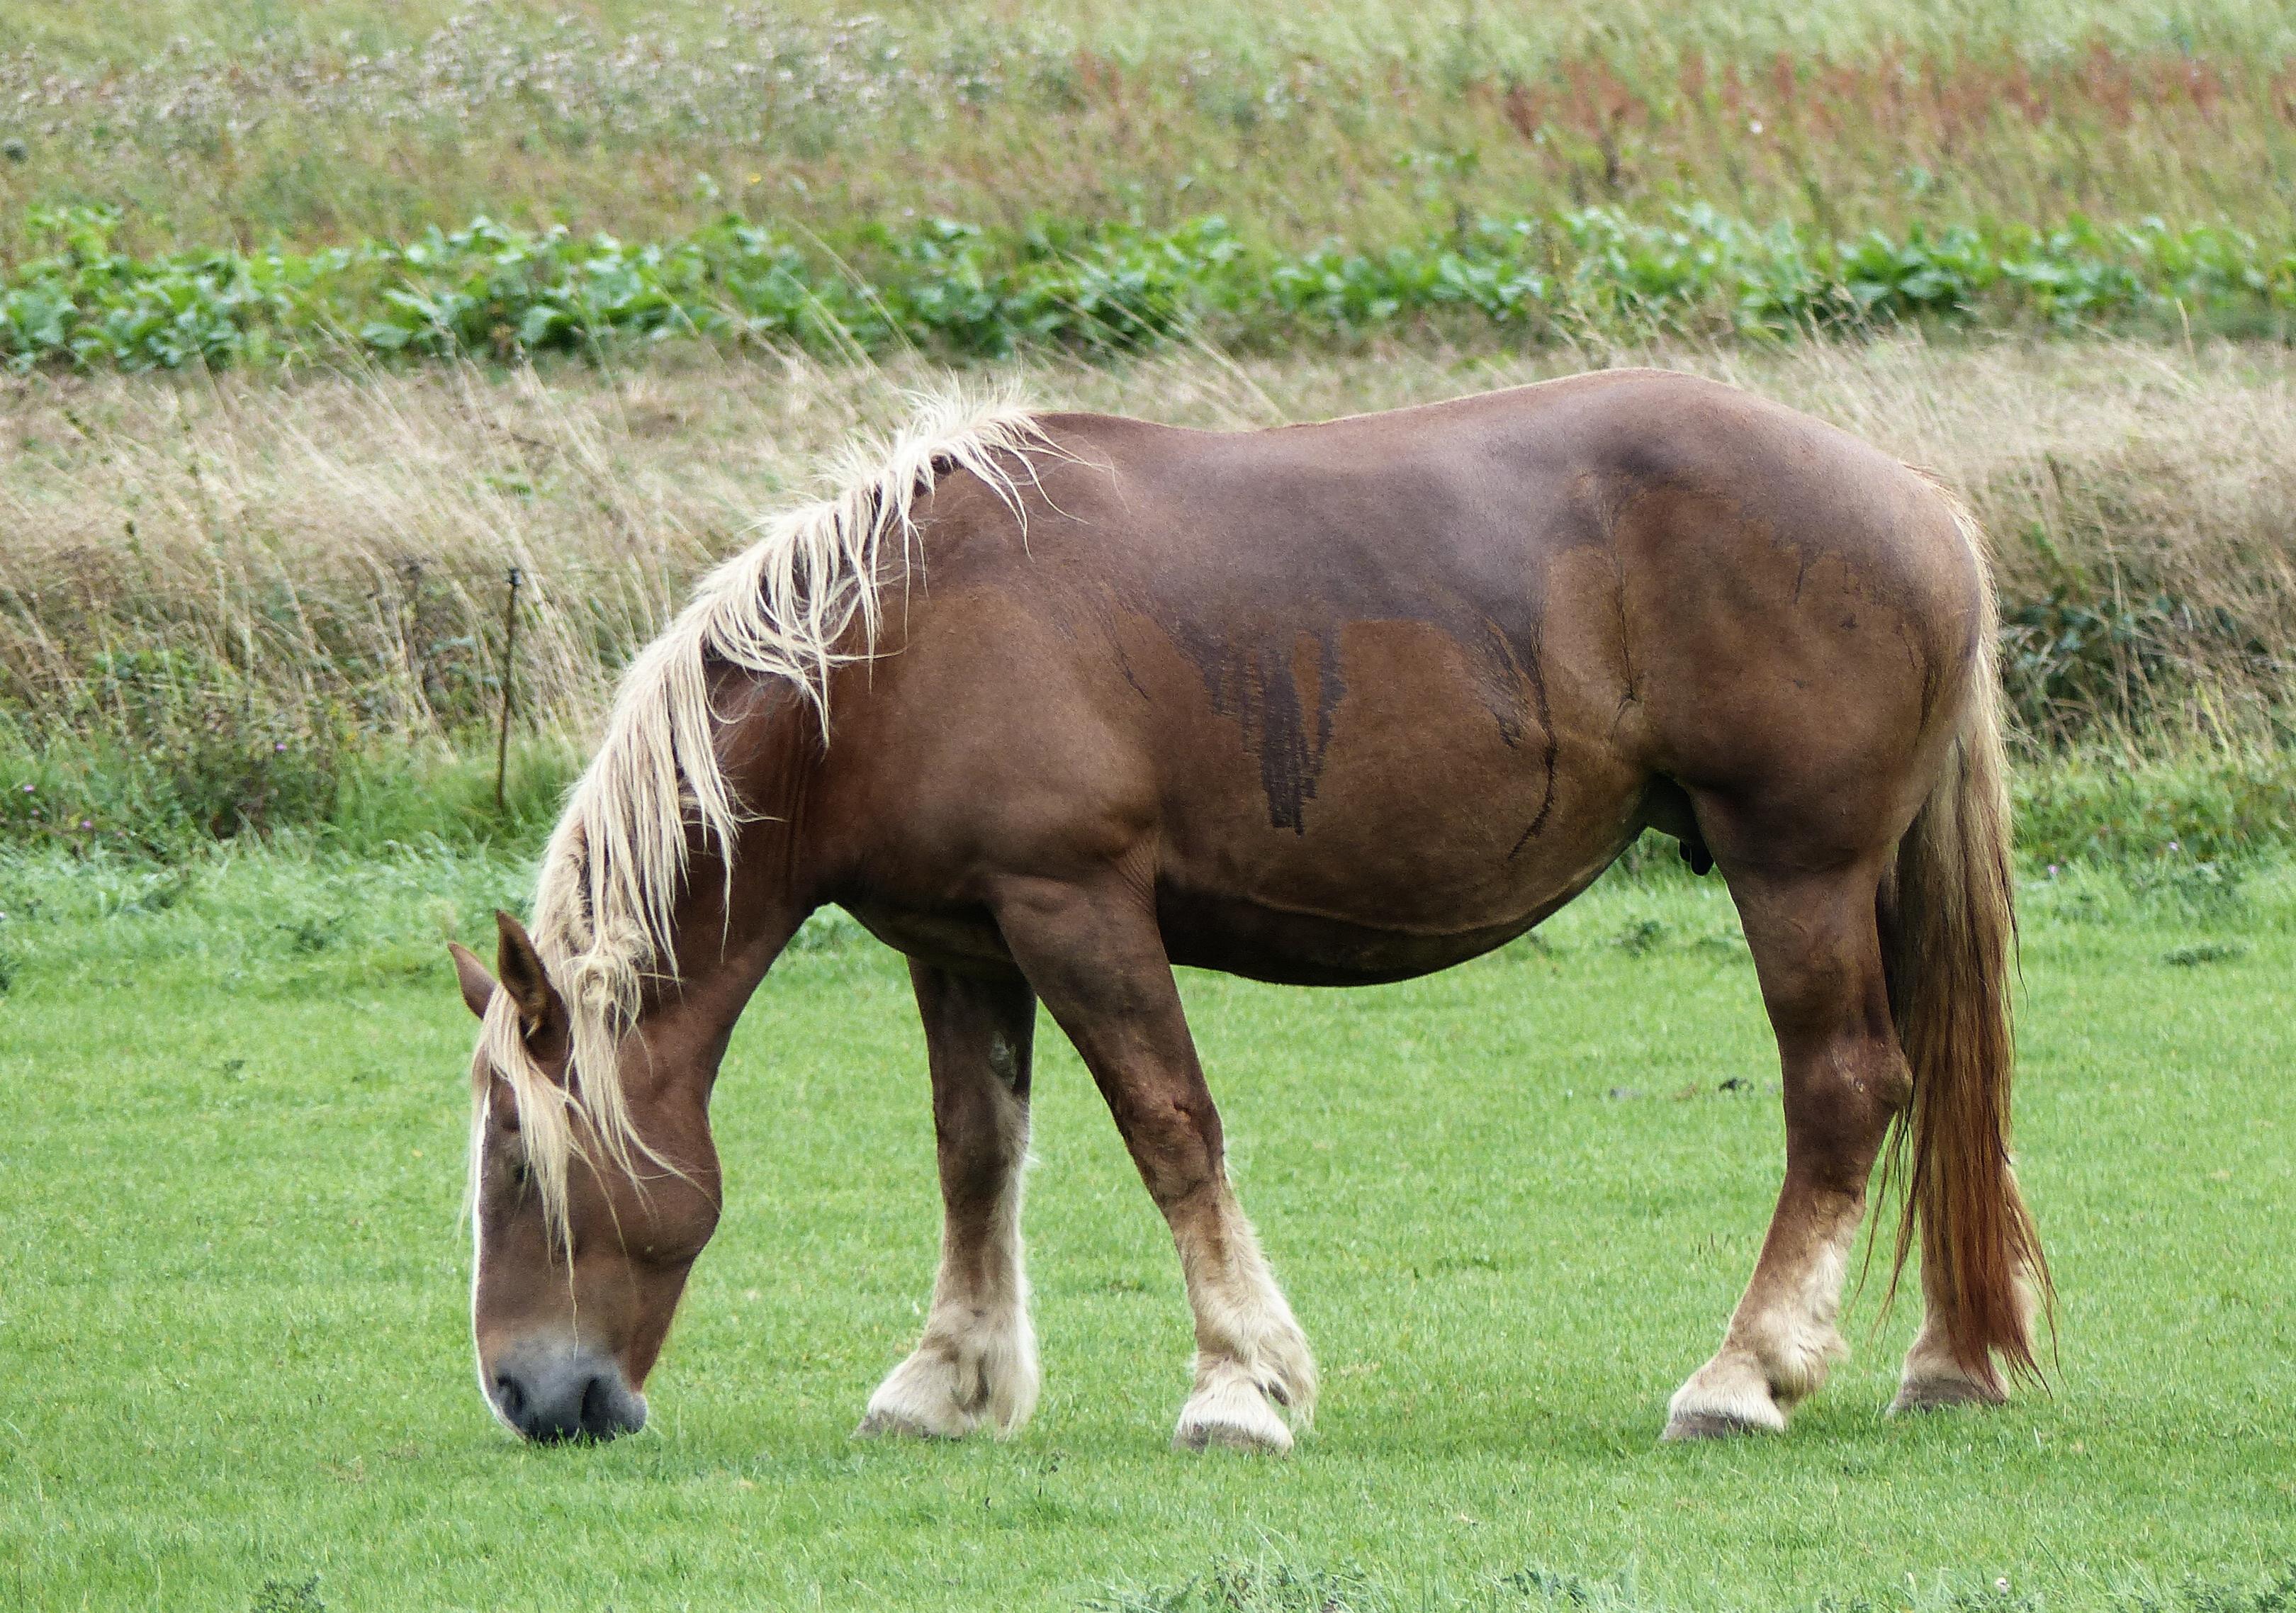 Pregnant mare grazing